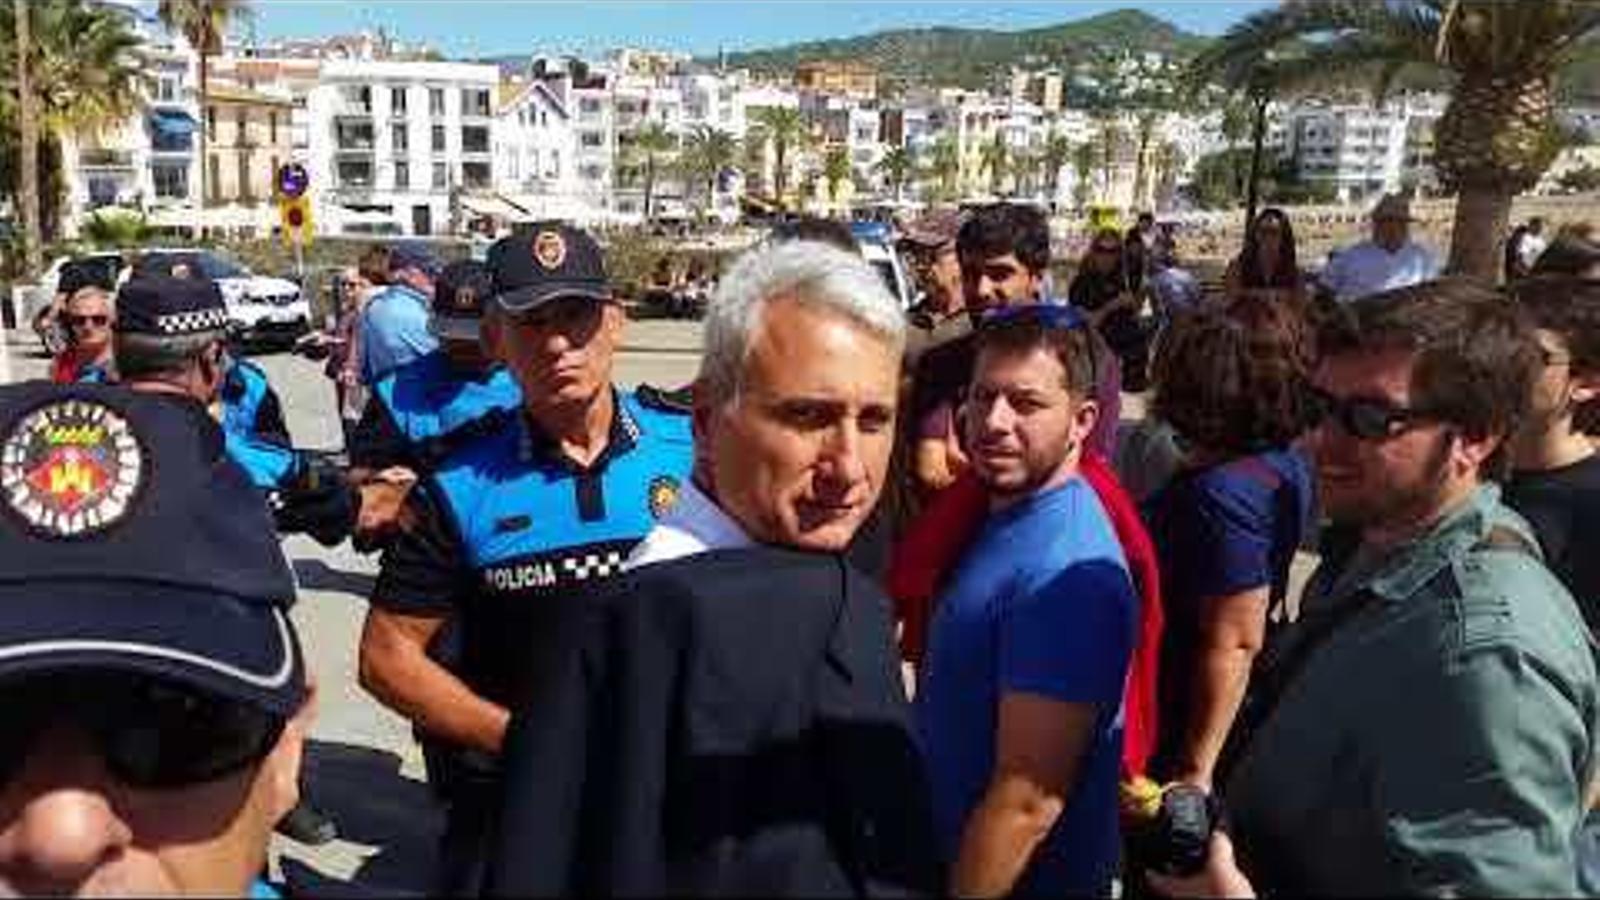 Agents de la policia local de Sitges li prenen el mòbil a un periodista que grava com identifiquen els organitzadors d'un acte per l'1-O